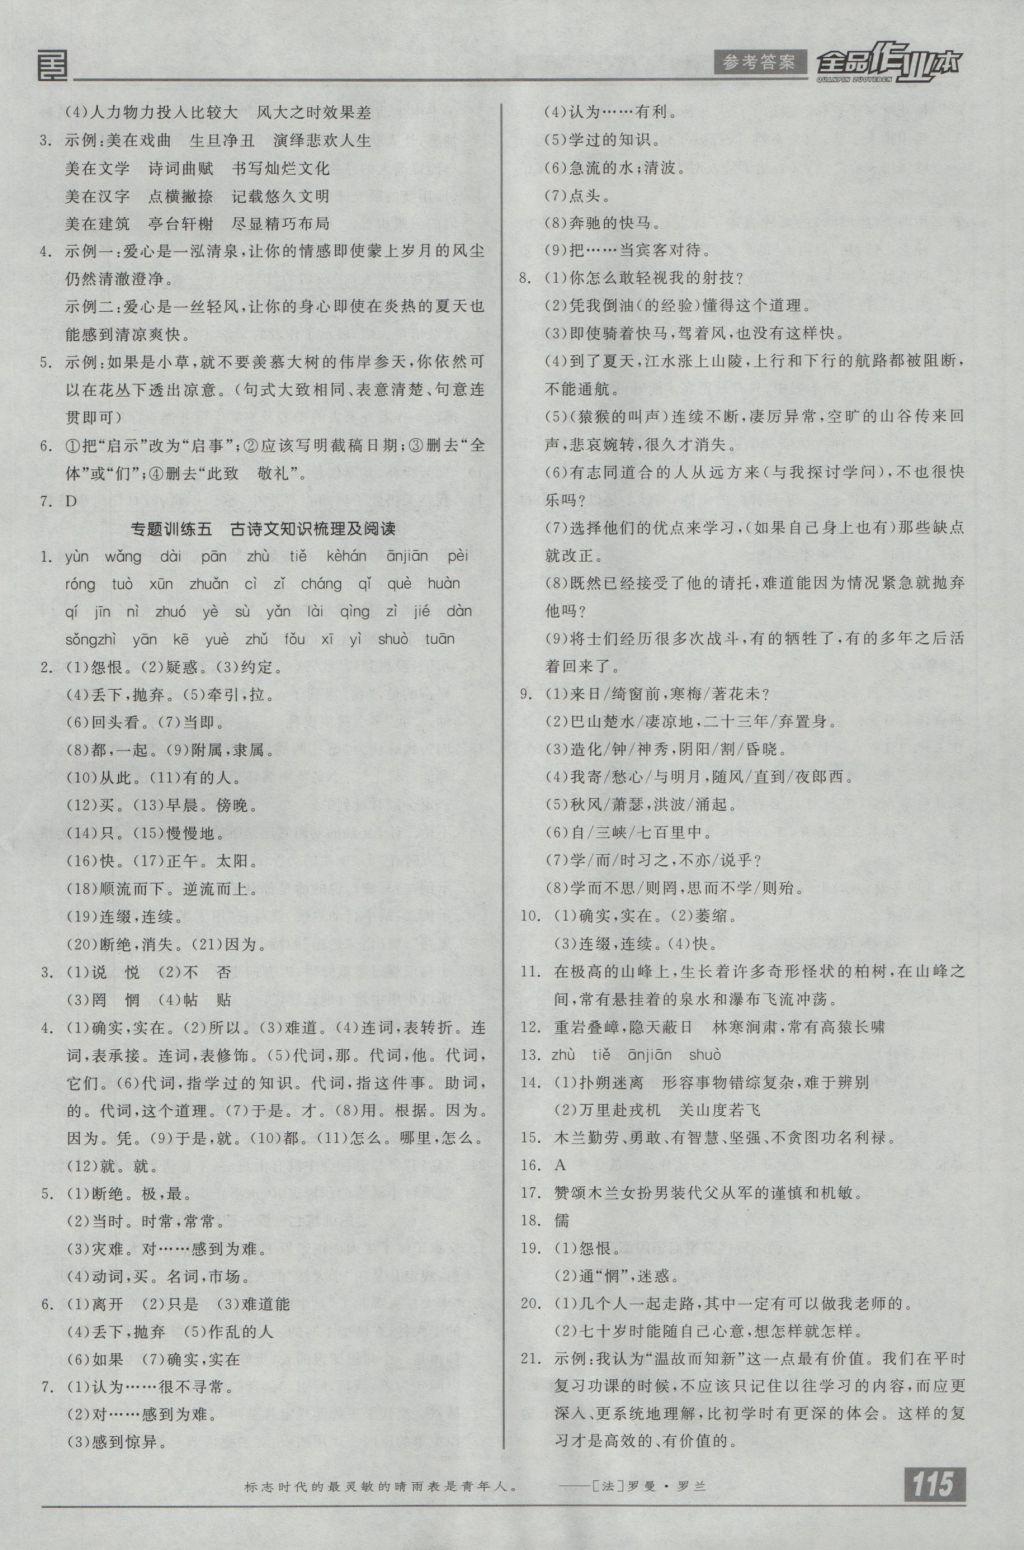 2016年全品作业本七年级语文上册语文版参考答案第17页